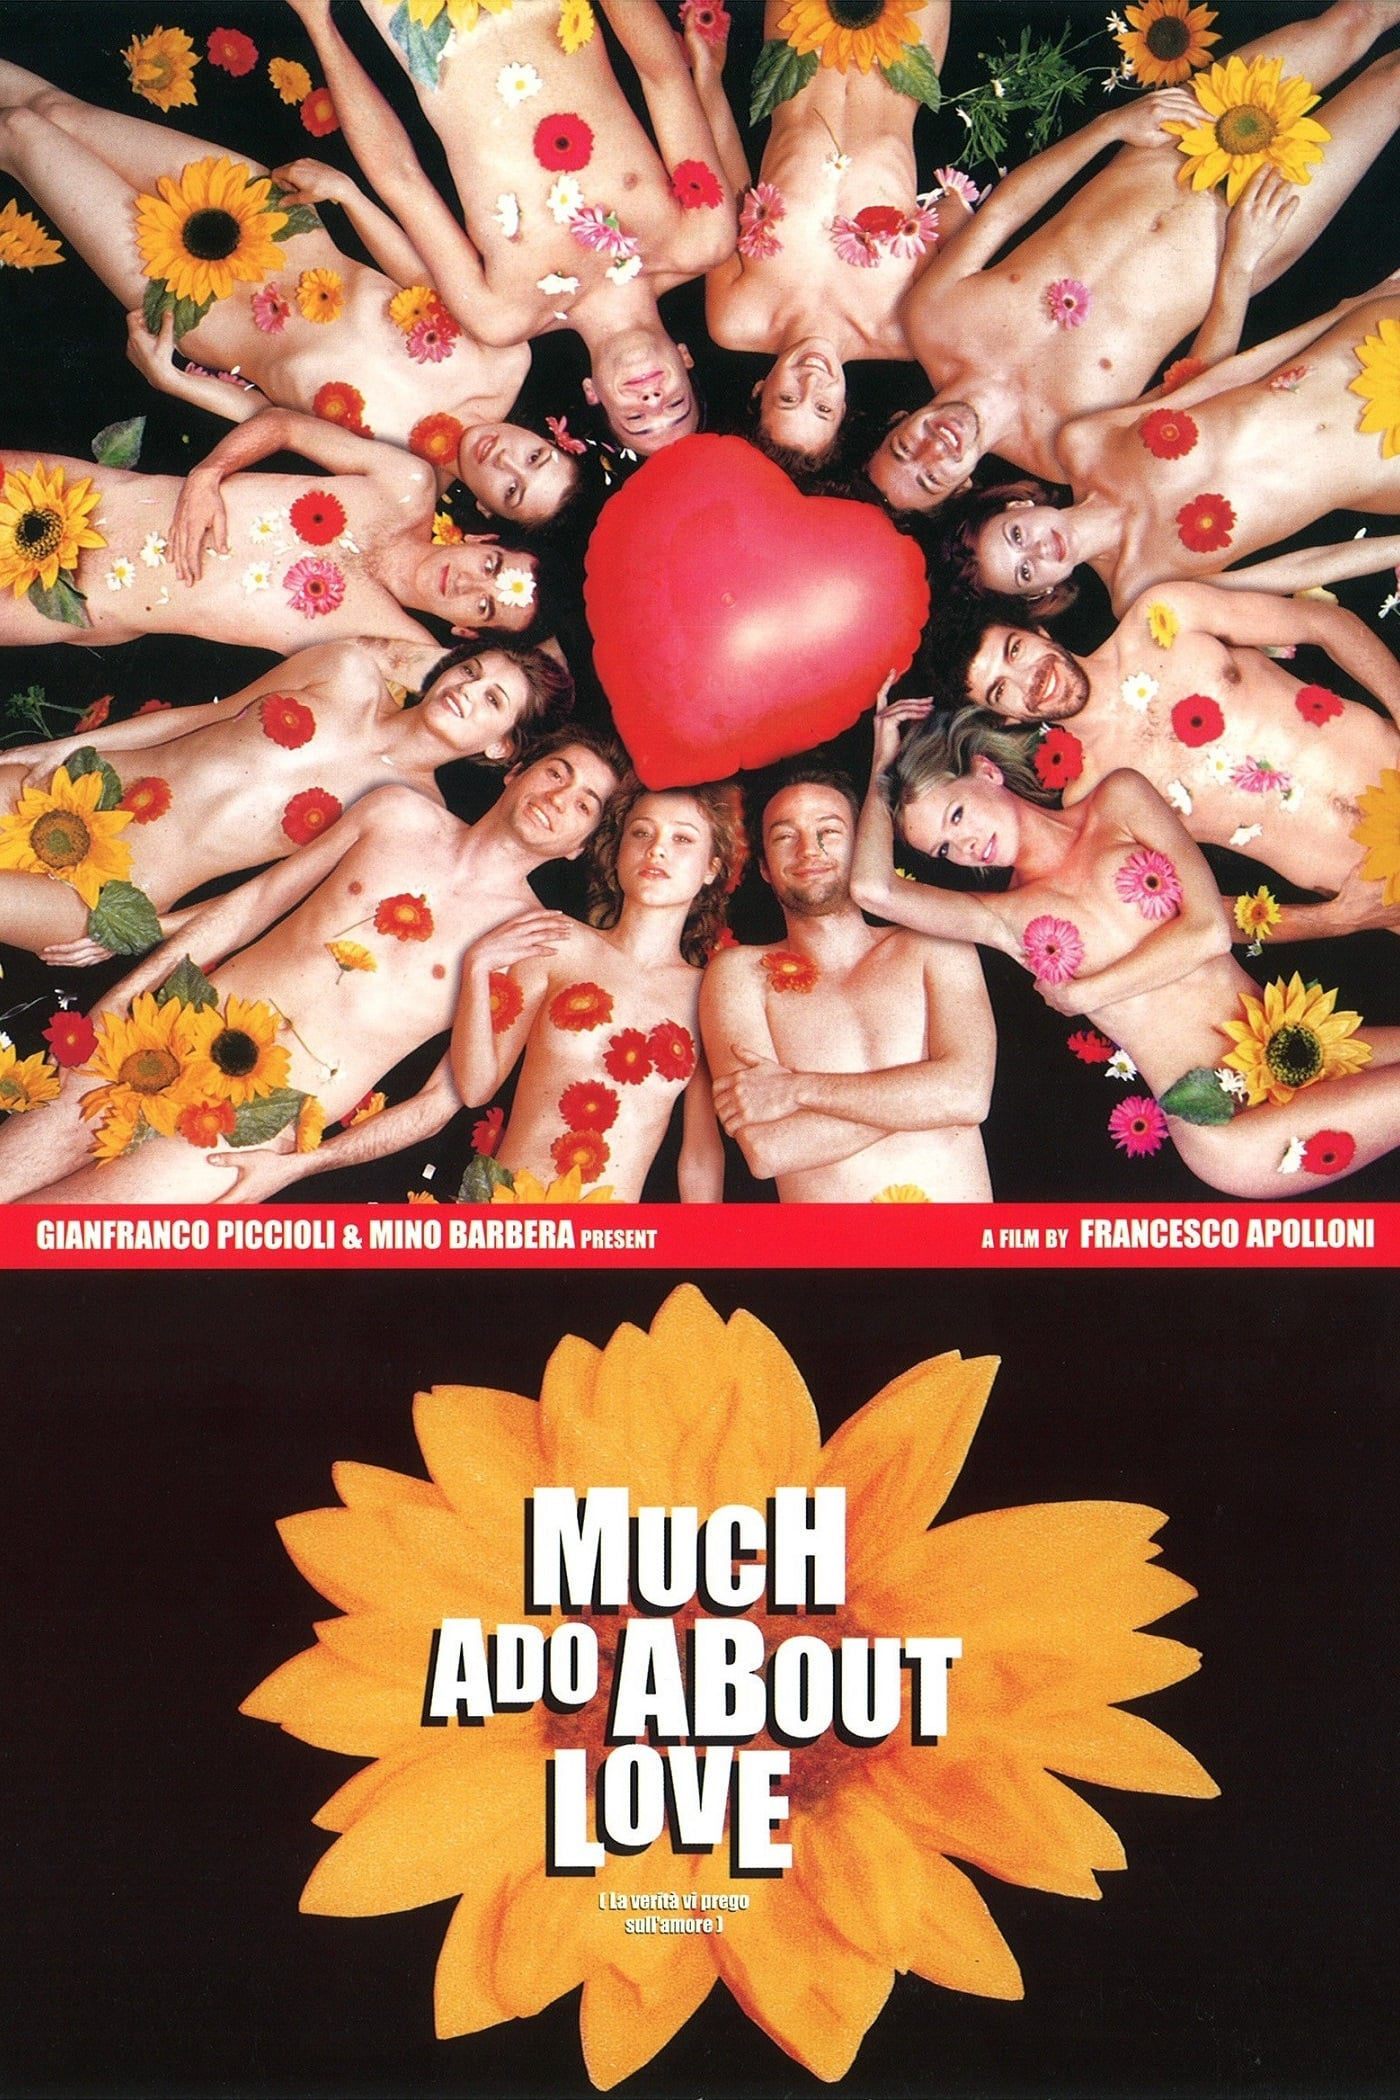 La verità, vi prego, sull'amore (2001)